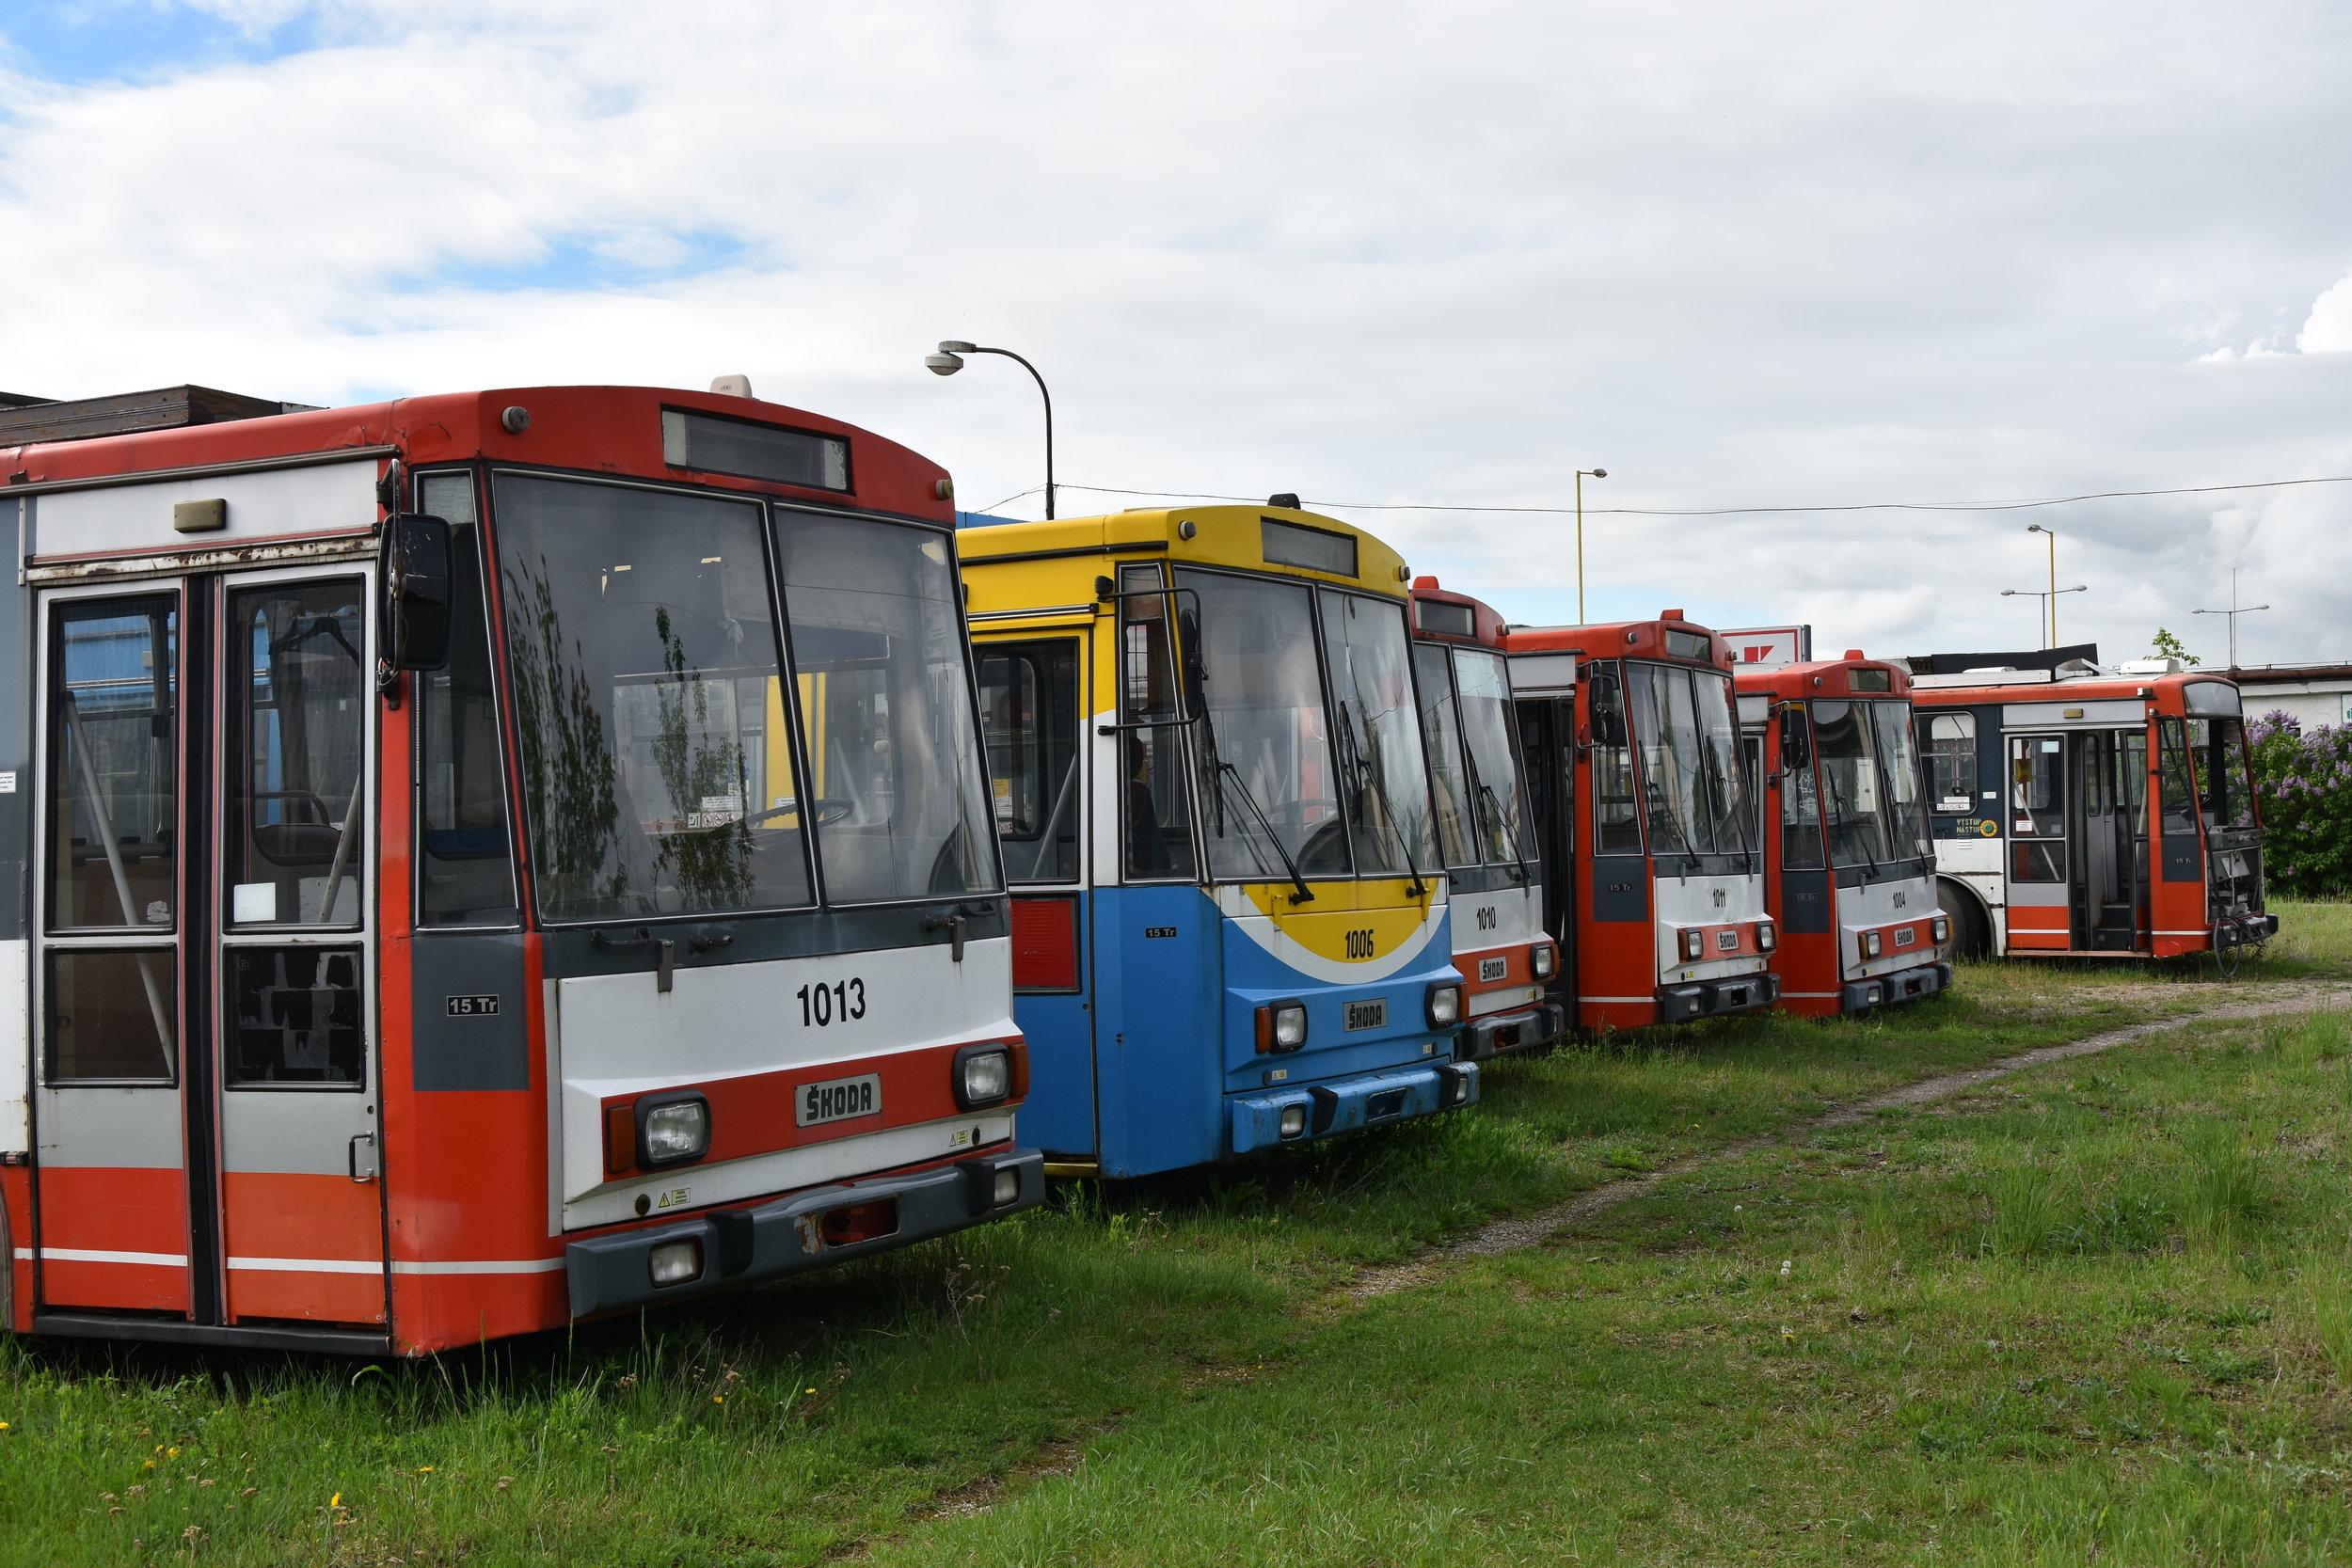 Odstavené trolejbusy v areálu tramvajové vozovny. Tzv. Trolejbusový hřbitov (slovensky cintorín) je netradičním bodem programu. (foto: Libor Hinčica)